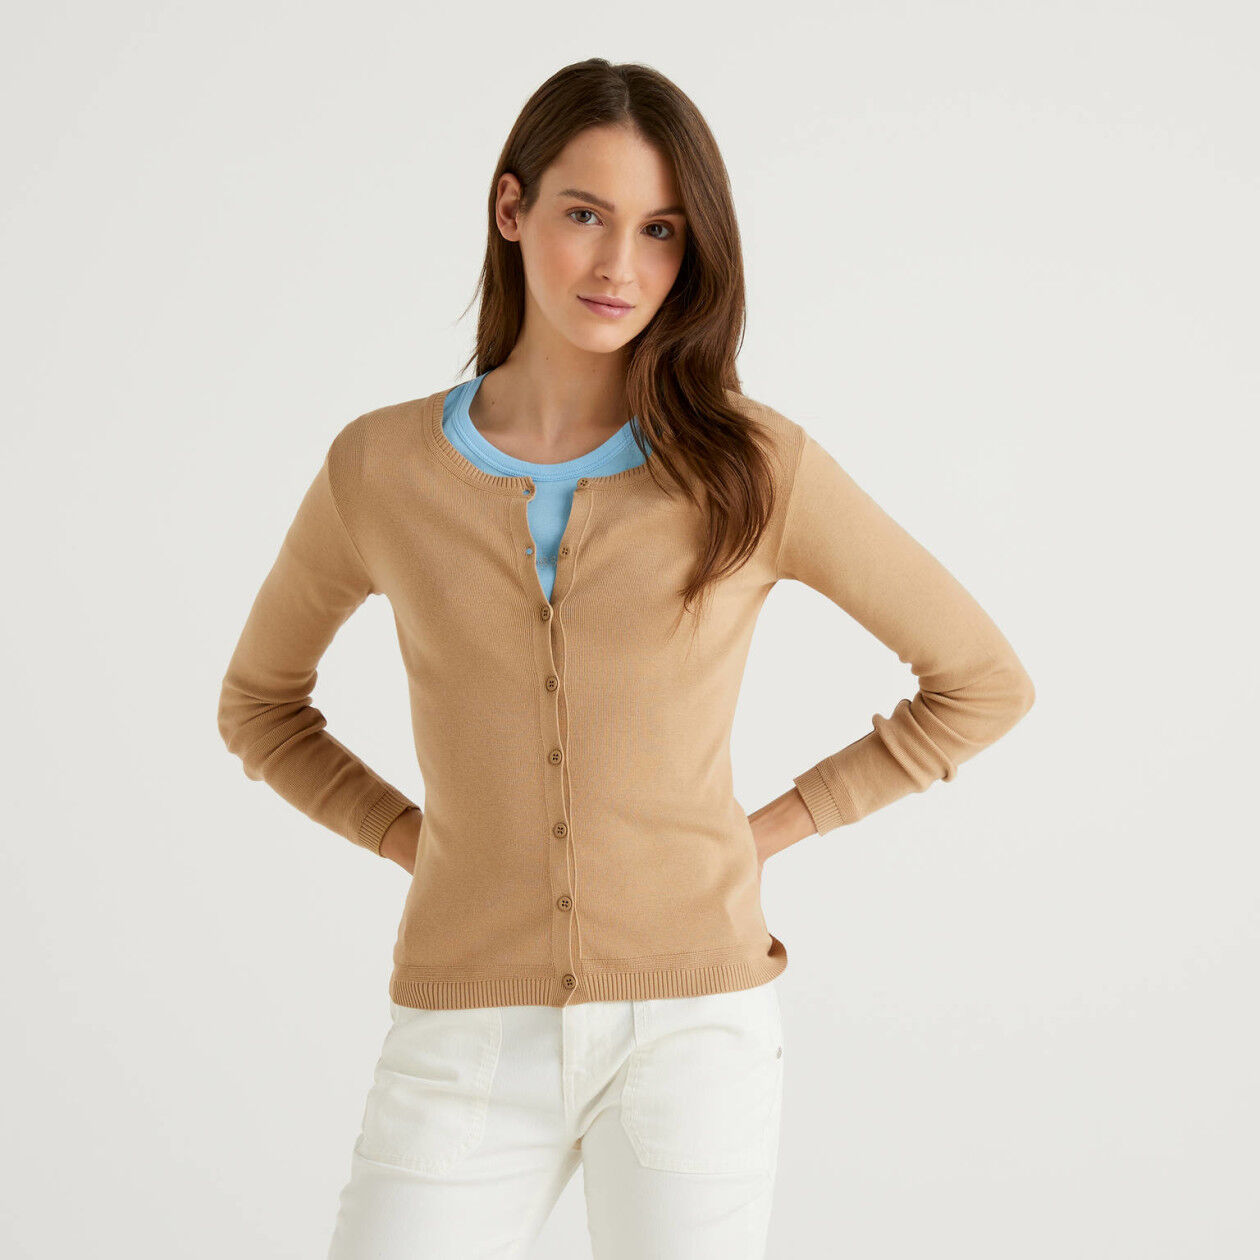 Strickjacke aus Baumwolle mit Rundausschnitt